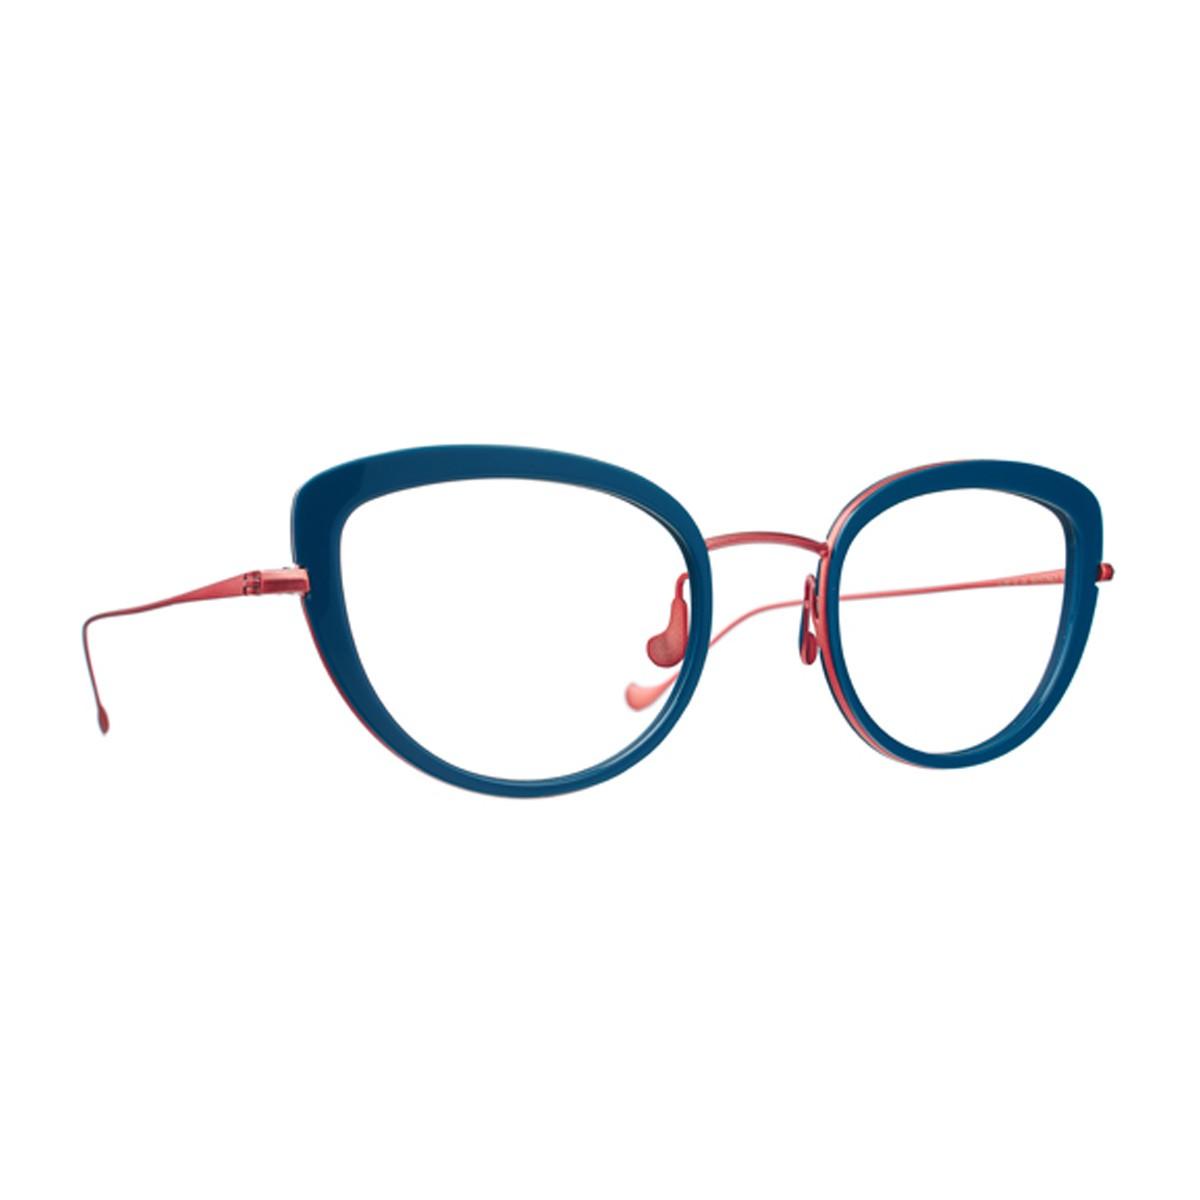 Caroline Abram Whitney | Women's eyeglasses